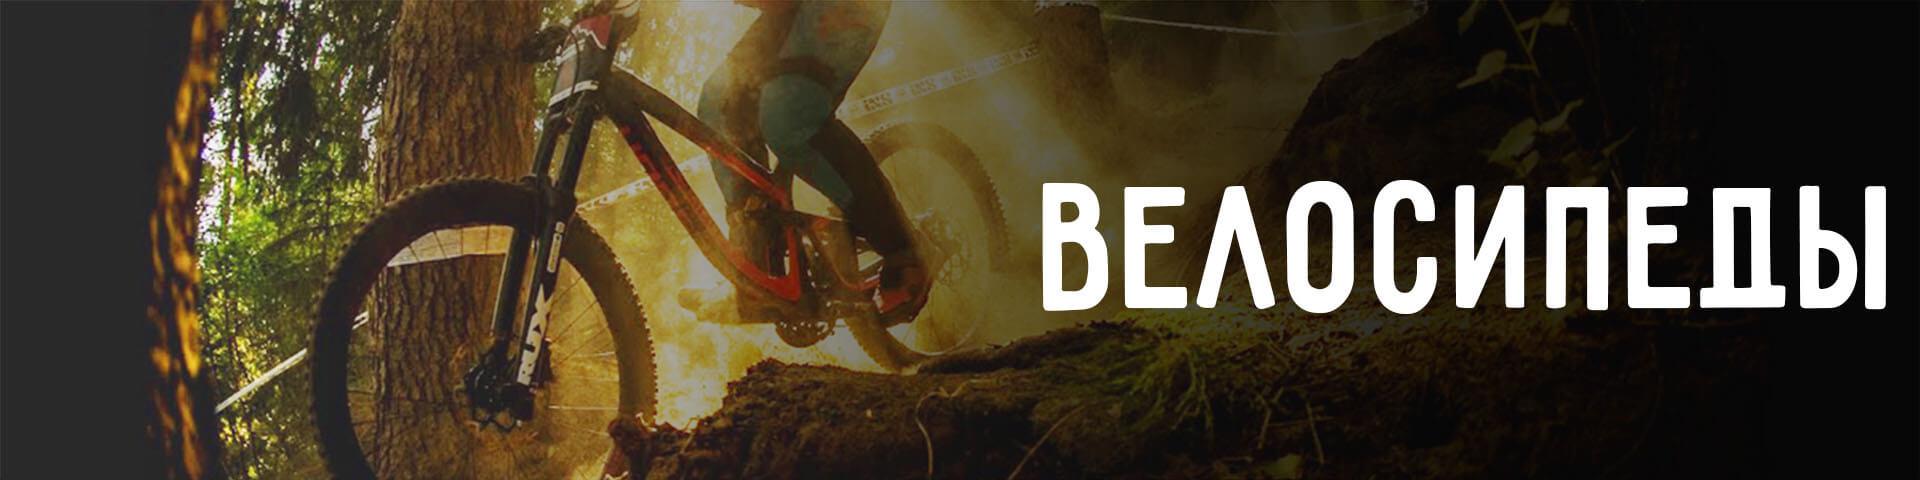 купить горнолыжный велосипед, купить BMX